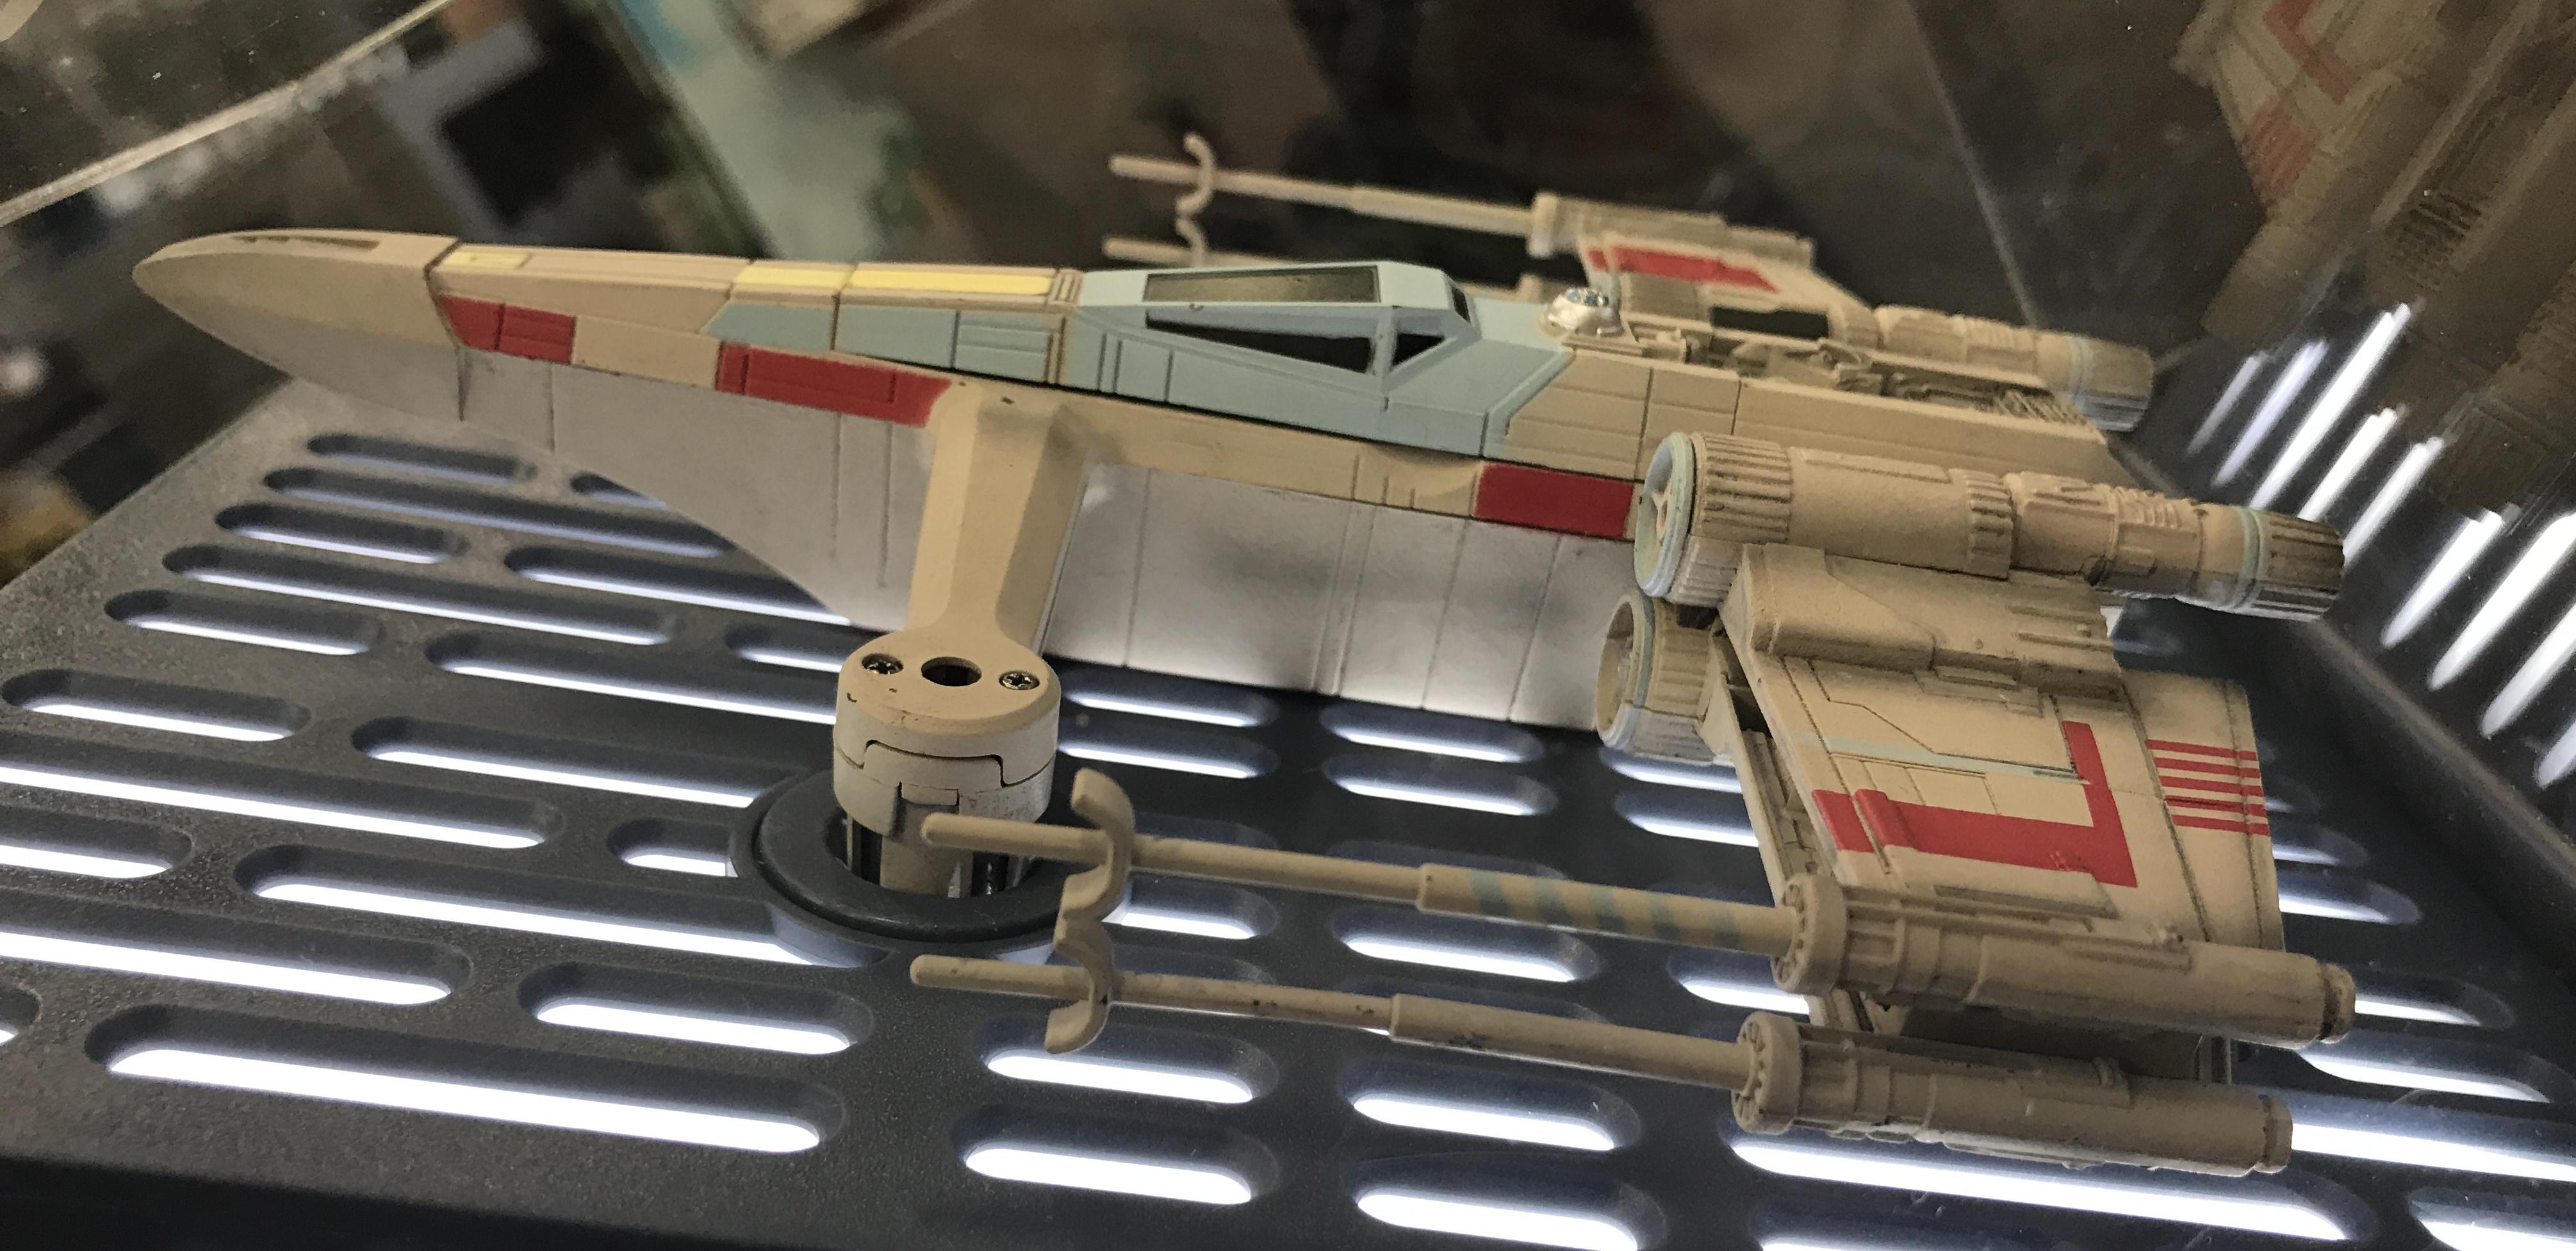 propel star wars drones @ best buy